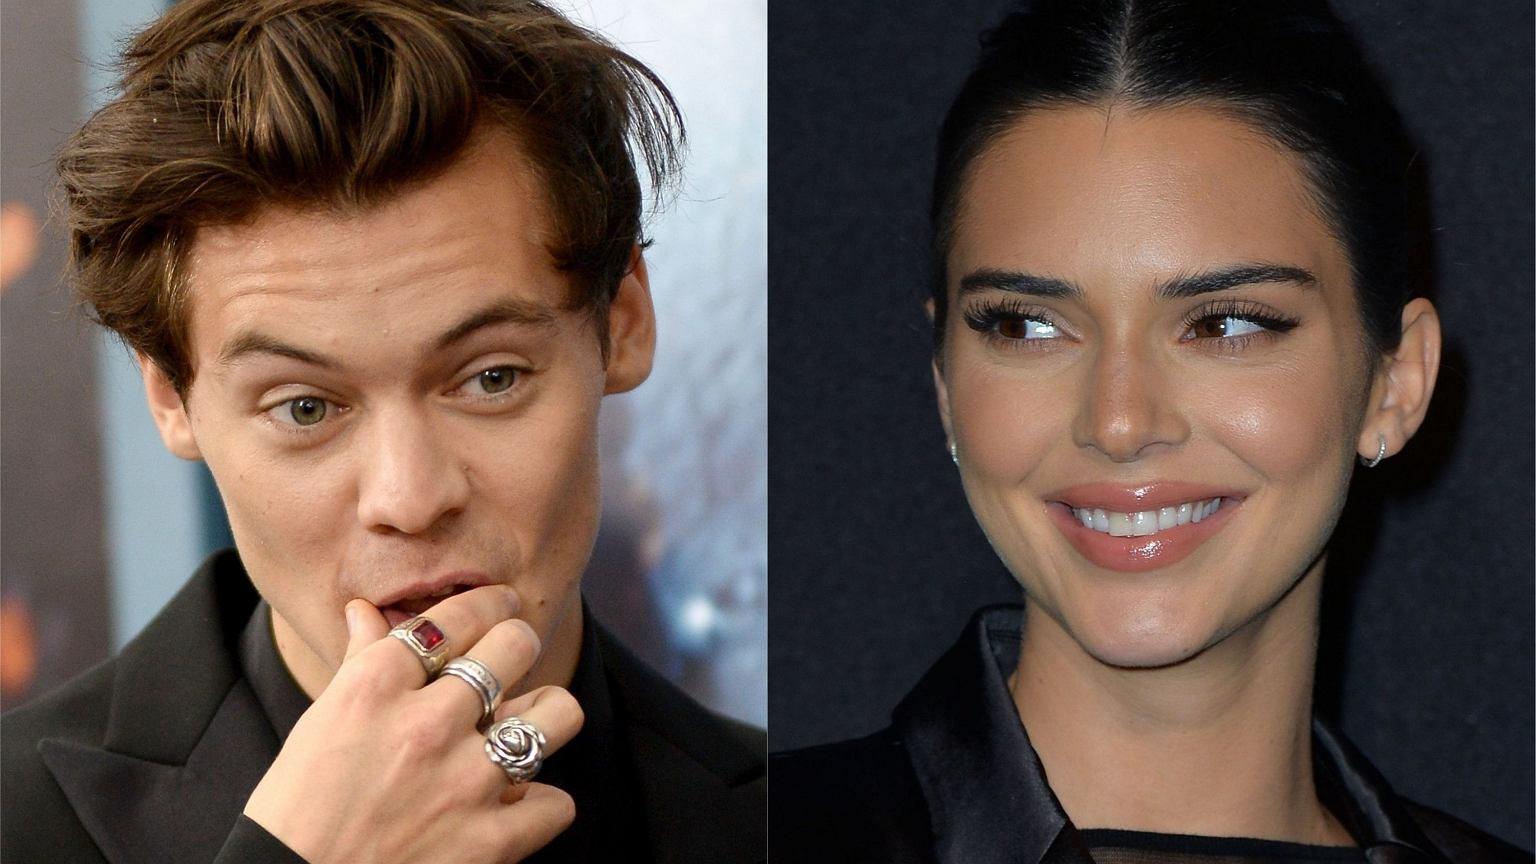 Harry Styles został spytany o związek z Kendall Jenner. Wolał zjeść rybią spermę, zamiast szczerze odpowiedzieć